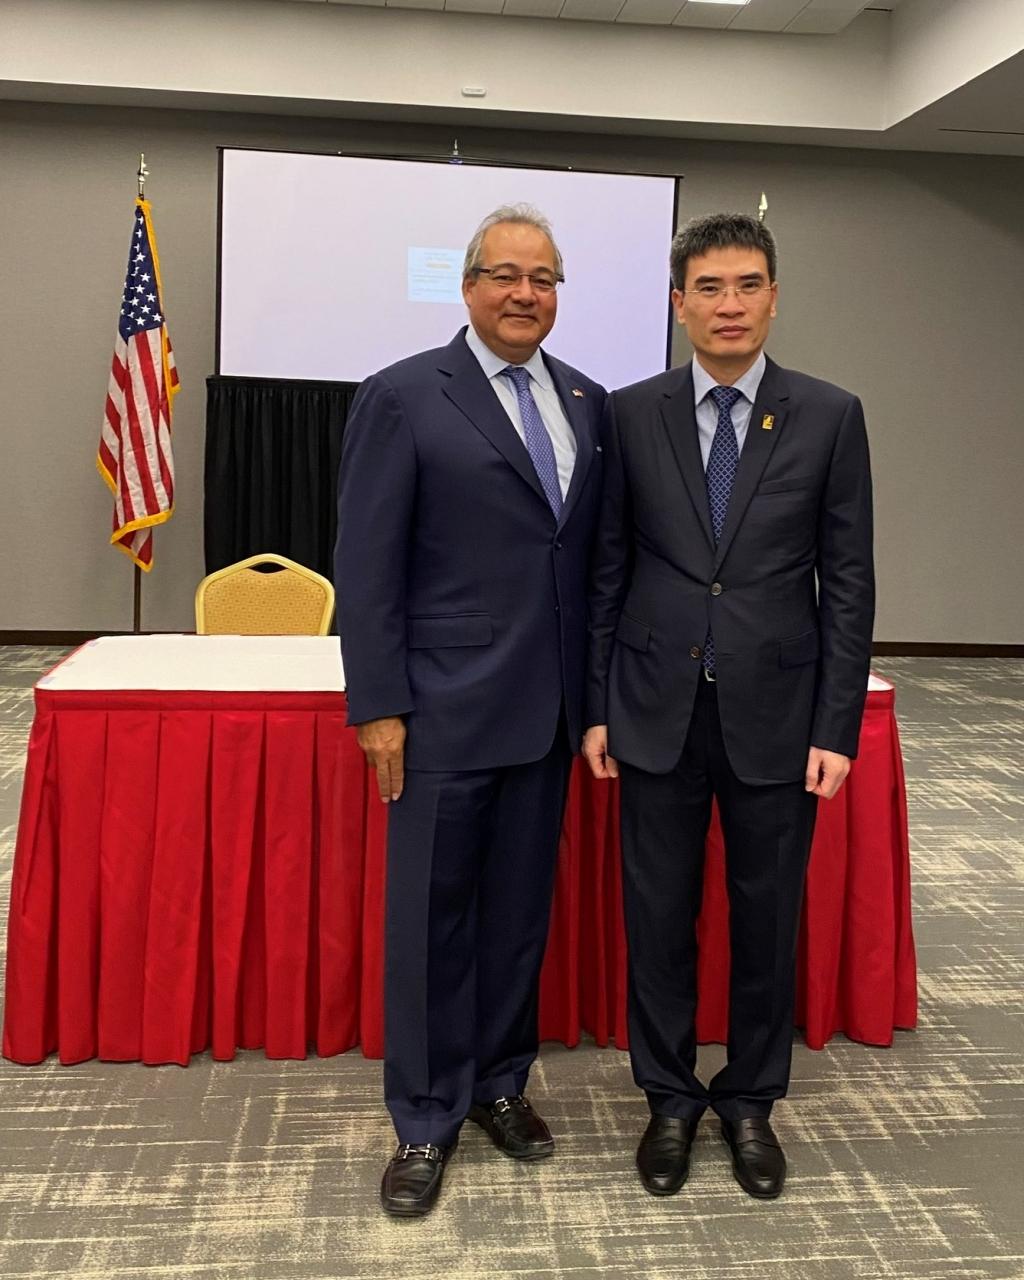 Ông Dương Mạnh Sơn – Phụ trách Hội đồng Quản trị, Tổng Giám đốc PV GAS và Ông Bernerd Da Santos - Phó Chủ tịch Thường trực kiêm Giám đốc điều hành AES khẳng định quyết tâm hợp tác song phương cùng phát triển